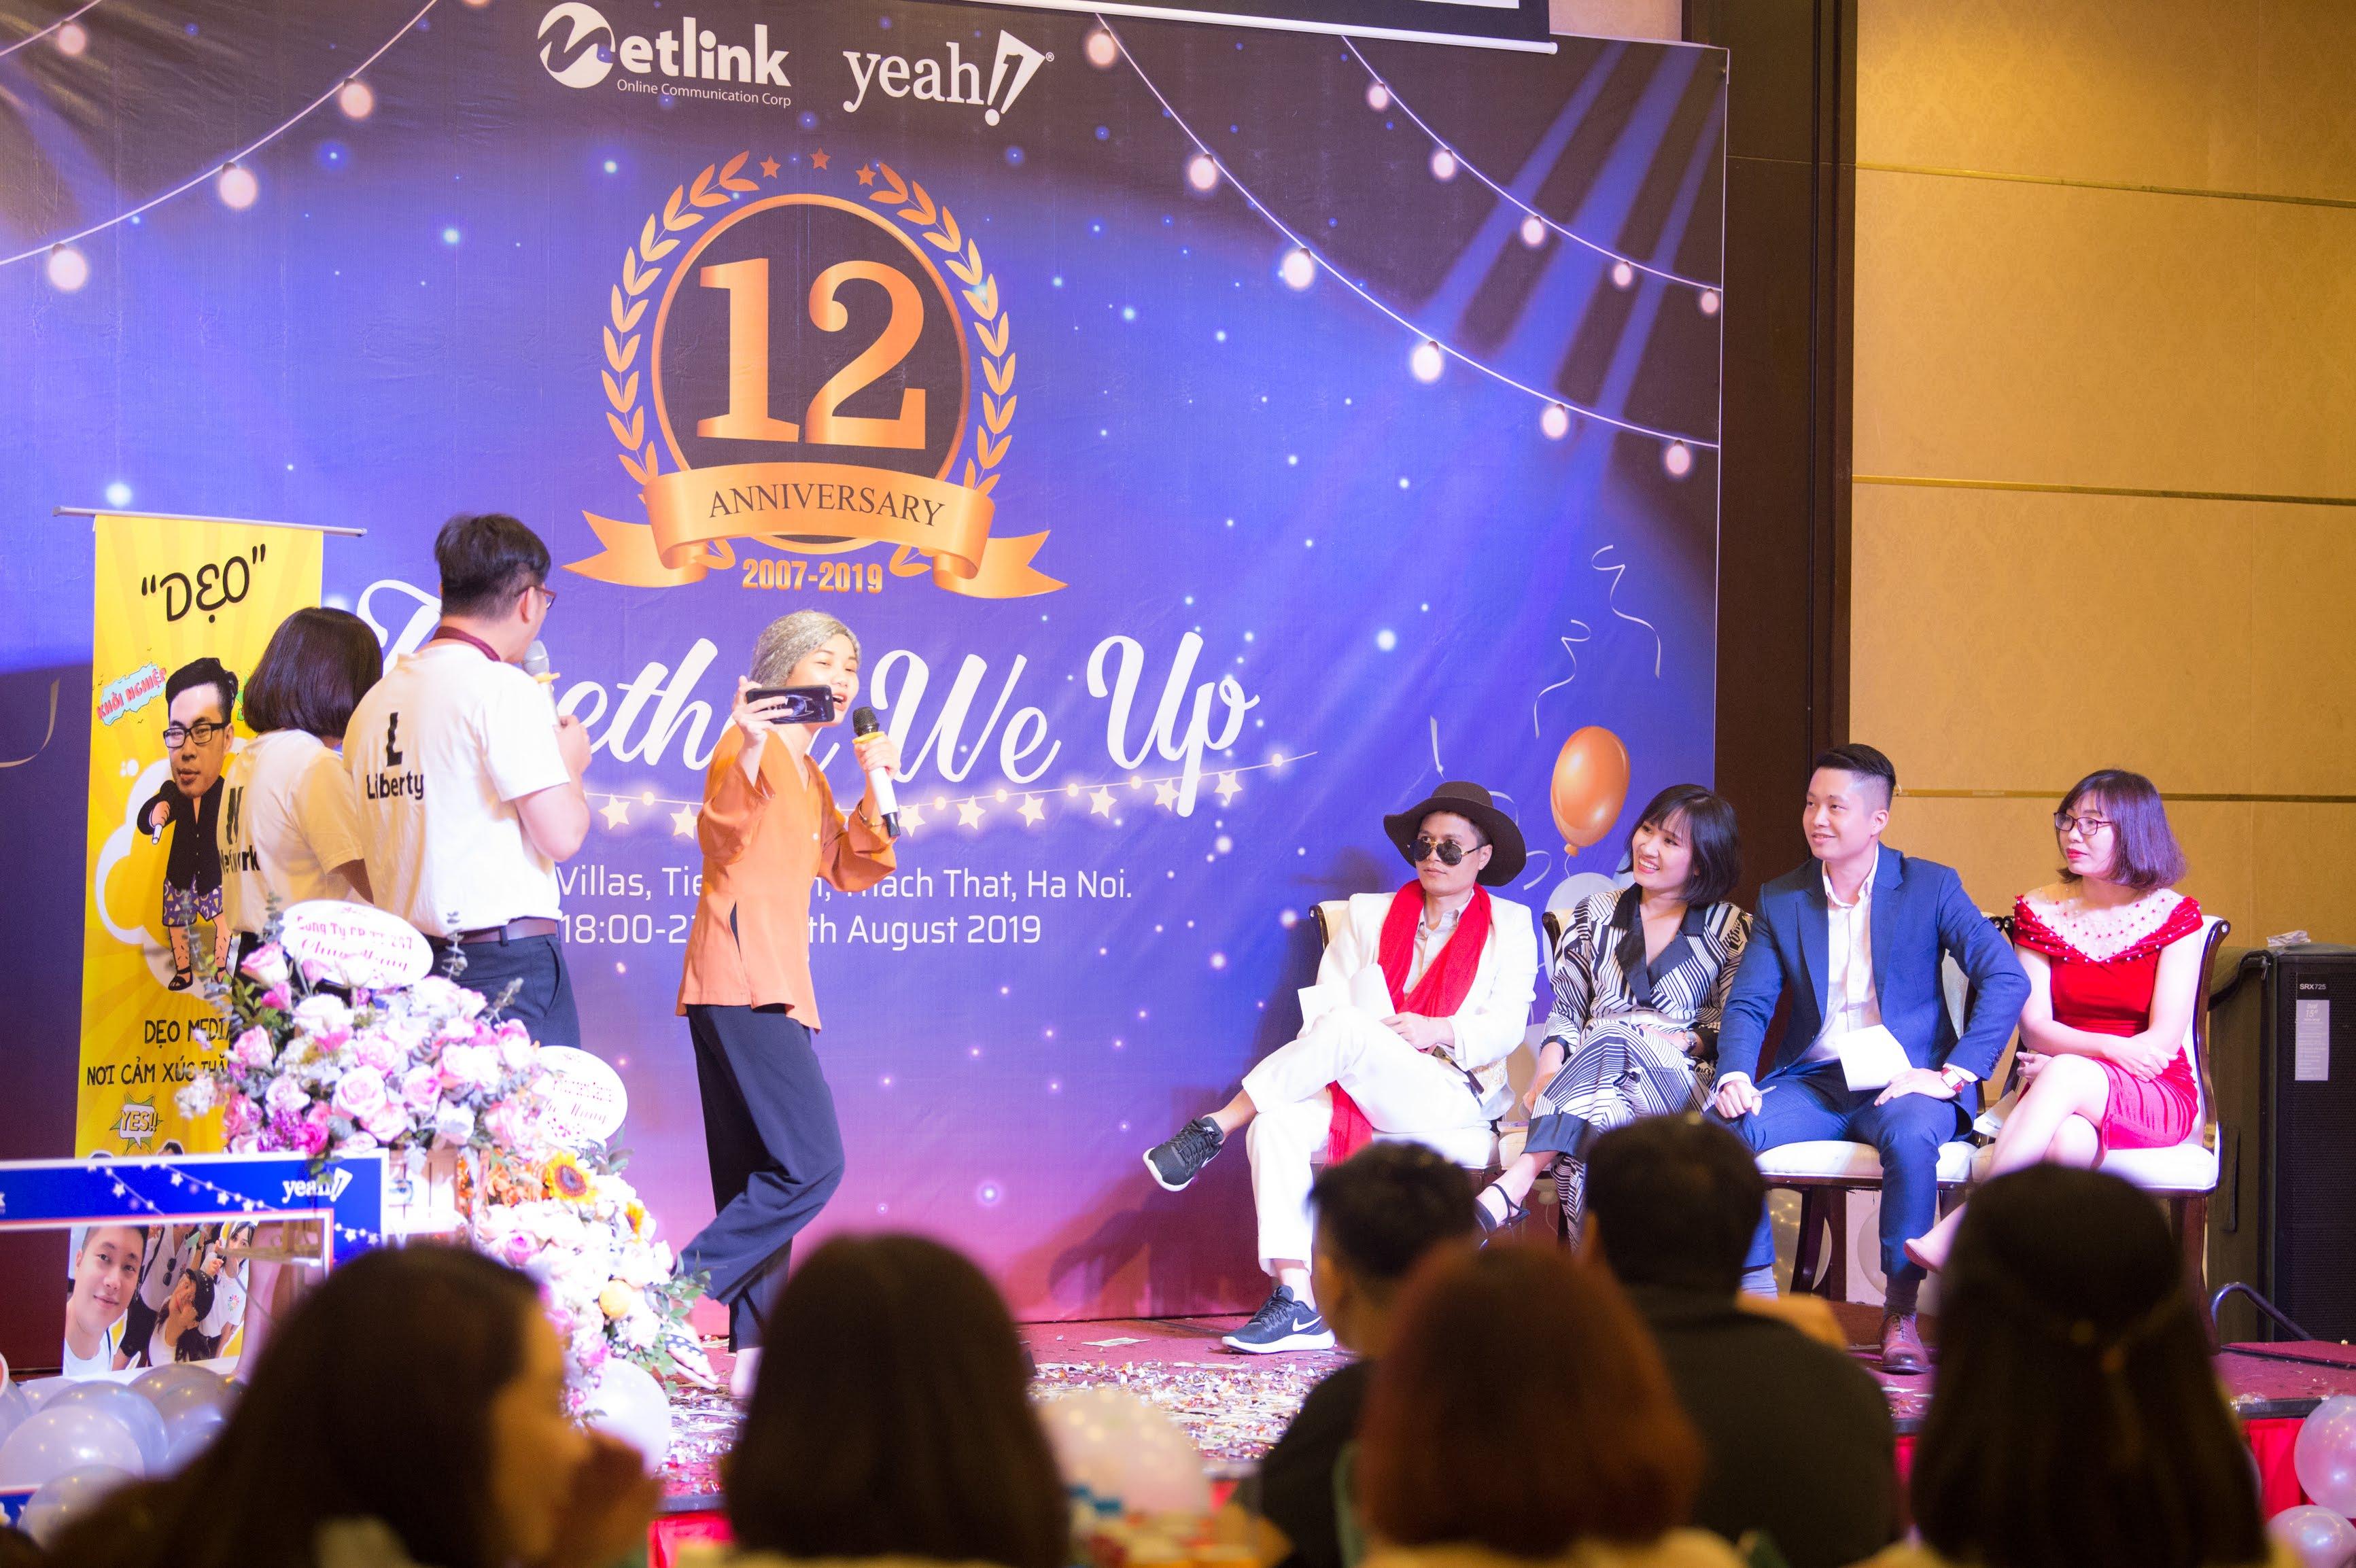 Netlink kỷ niệm 12 năm thành lập 5